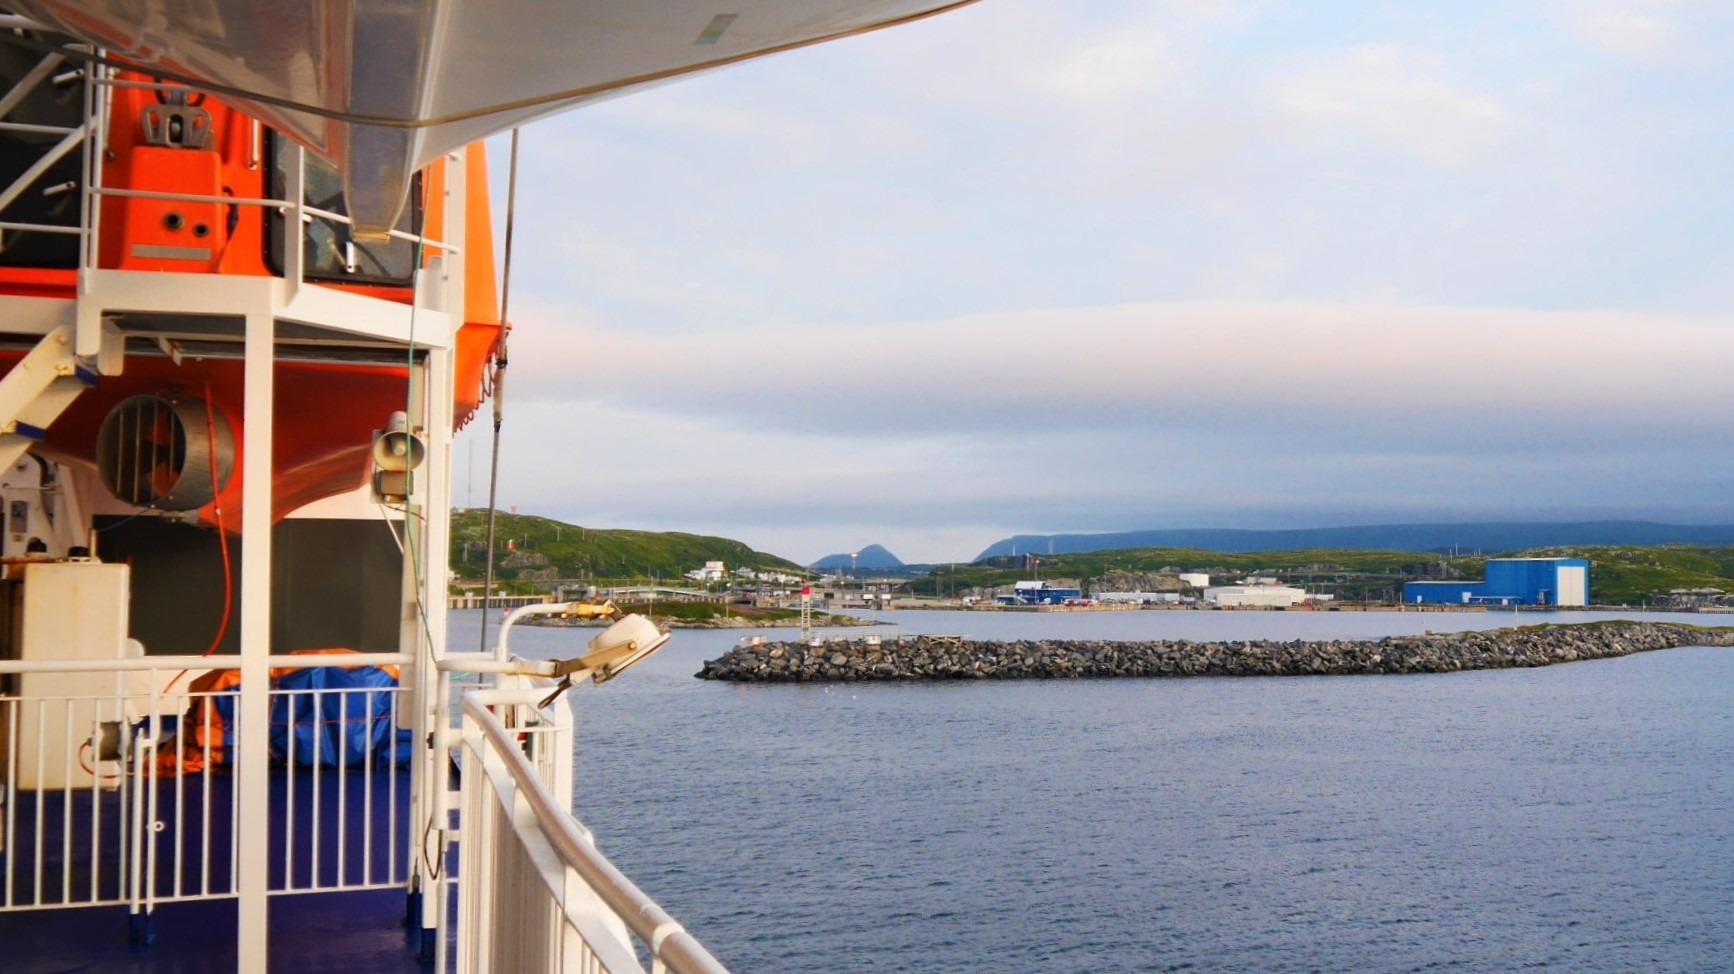 Terre-Neuve traversier Sydney Port-aux-Basques blog voyage Canada